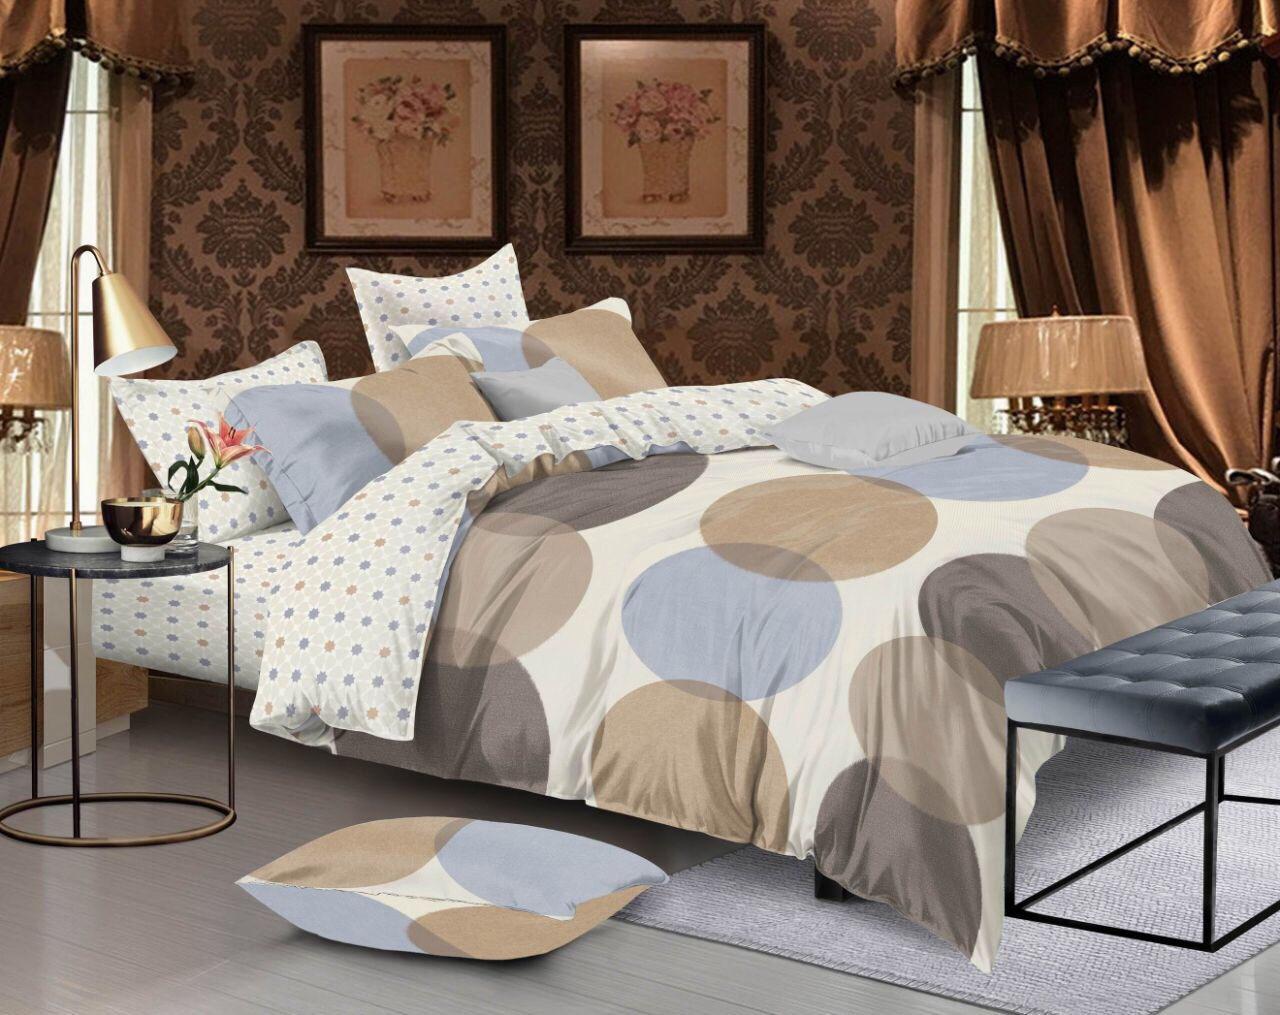 Семейный комплект постельного белья сатин (12246) TM КРИСПОЛ Украина